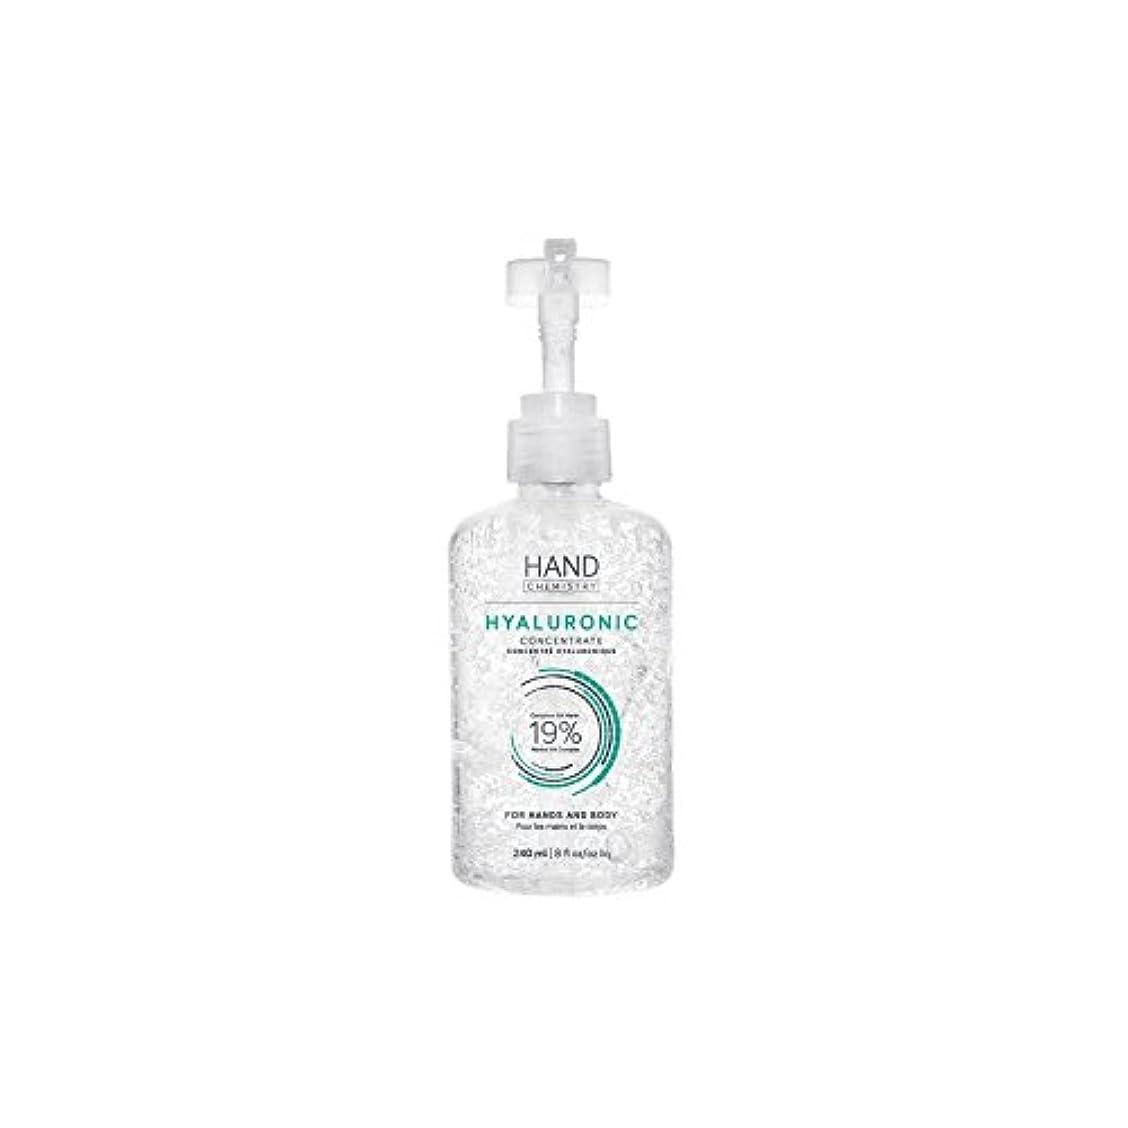 新鮮な順番後世HAND CHEMISTRY Hyaluronic Concentrate (240ml) - 手の化学ヒアルロン濃縮物(240ミリリットル) [並行輸入品]